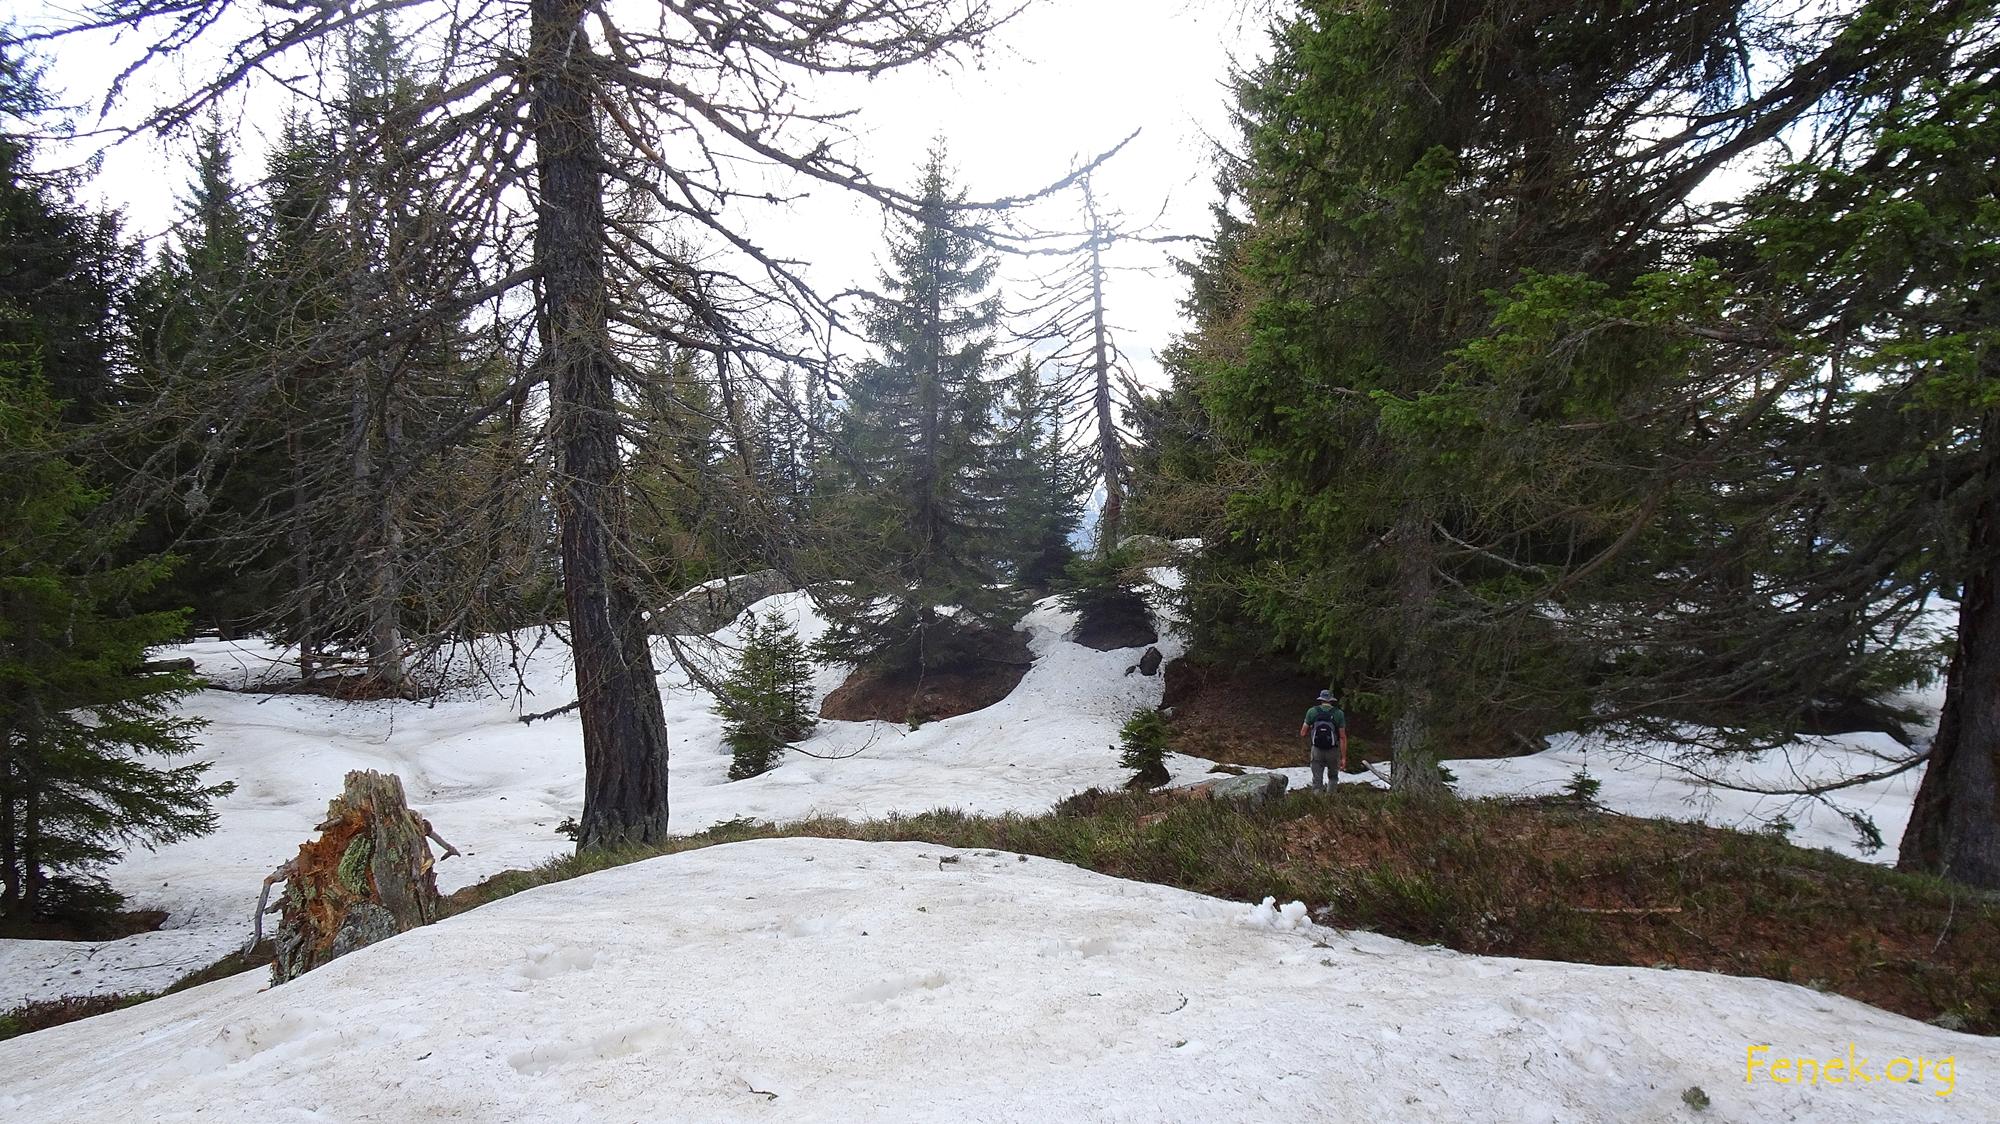 auf dem Grat im Schnee